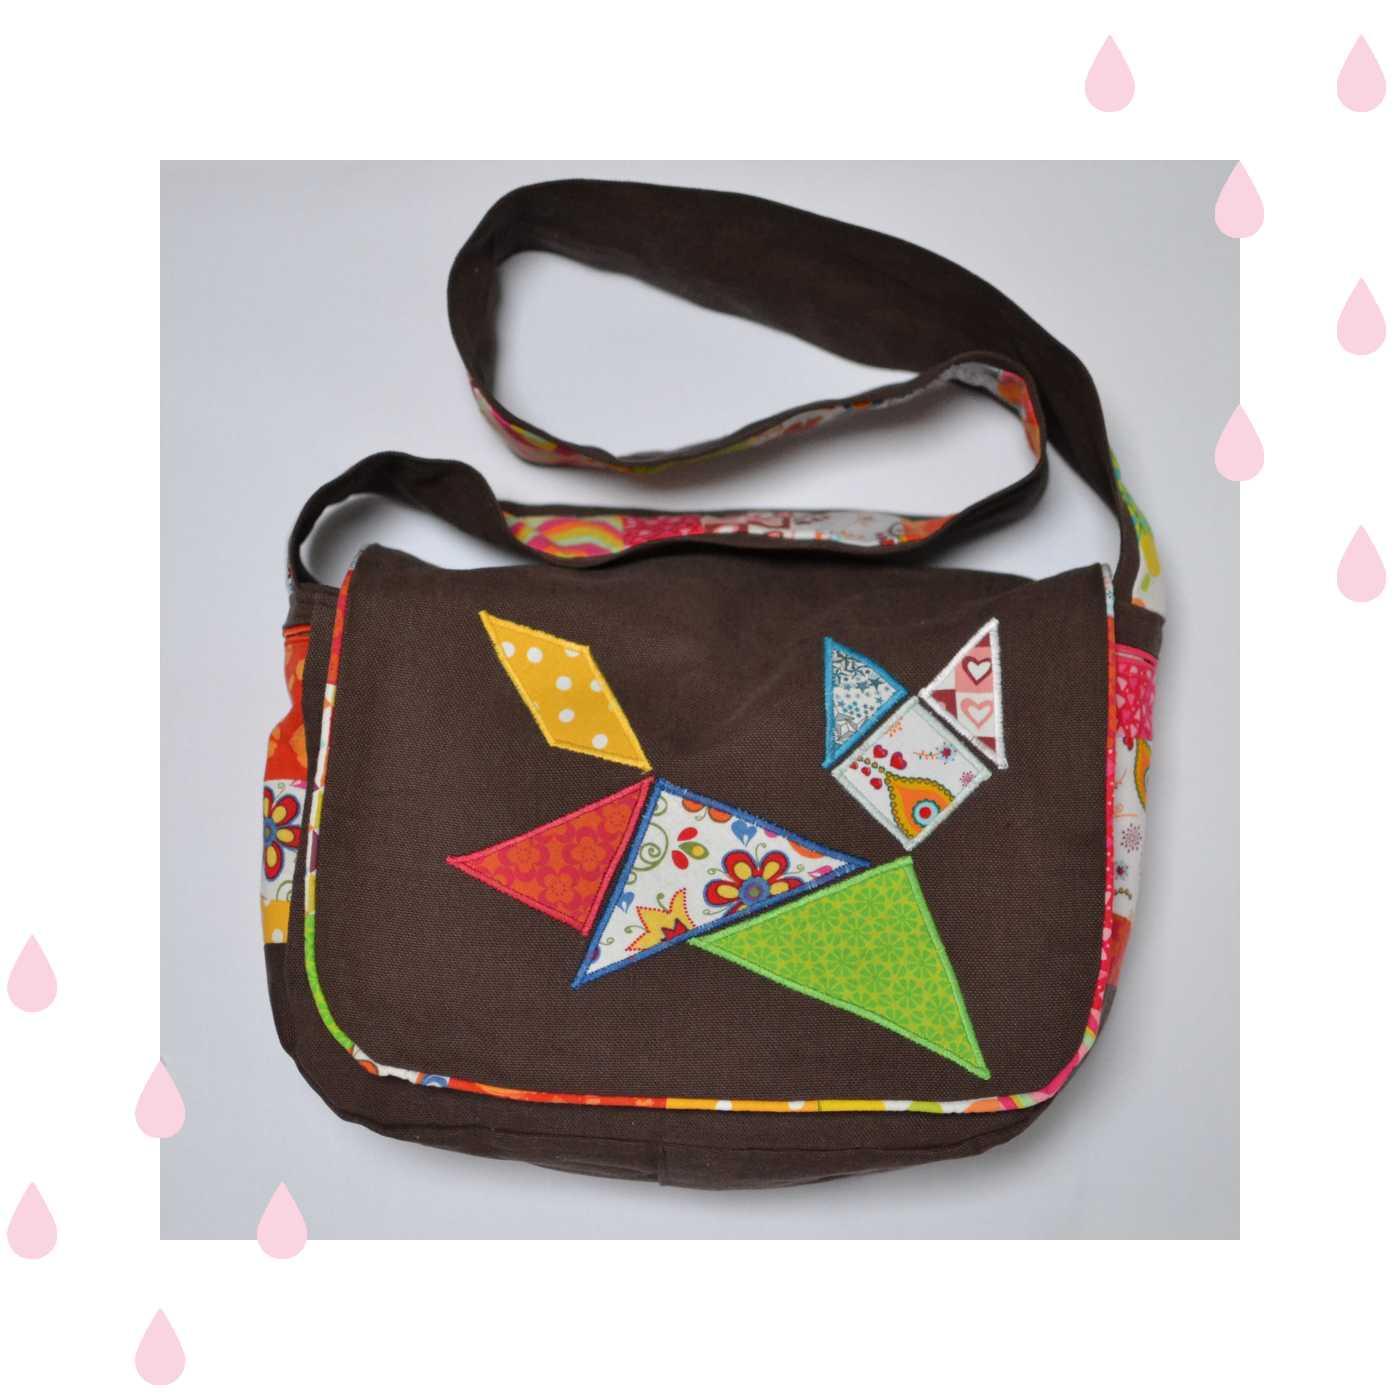 sac à main marron personnalisation chat tangram multicolore